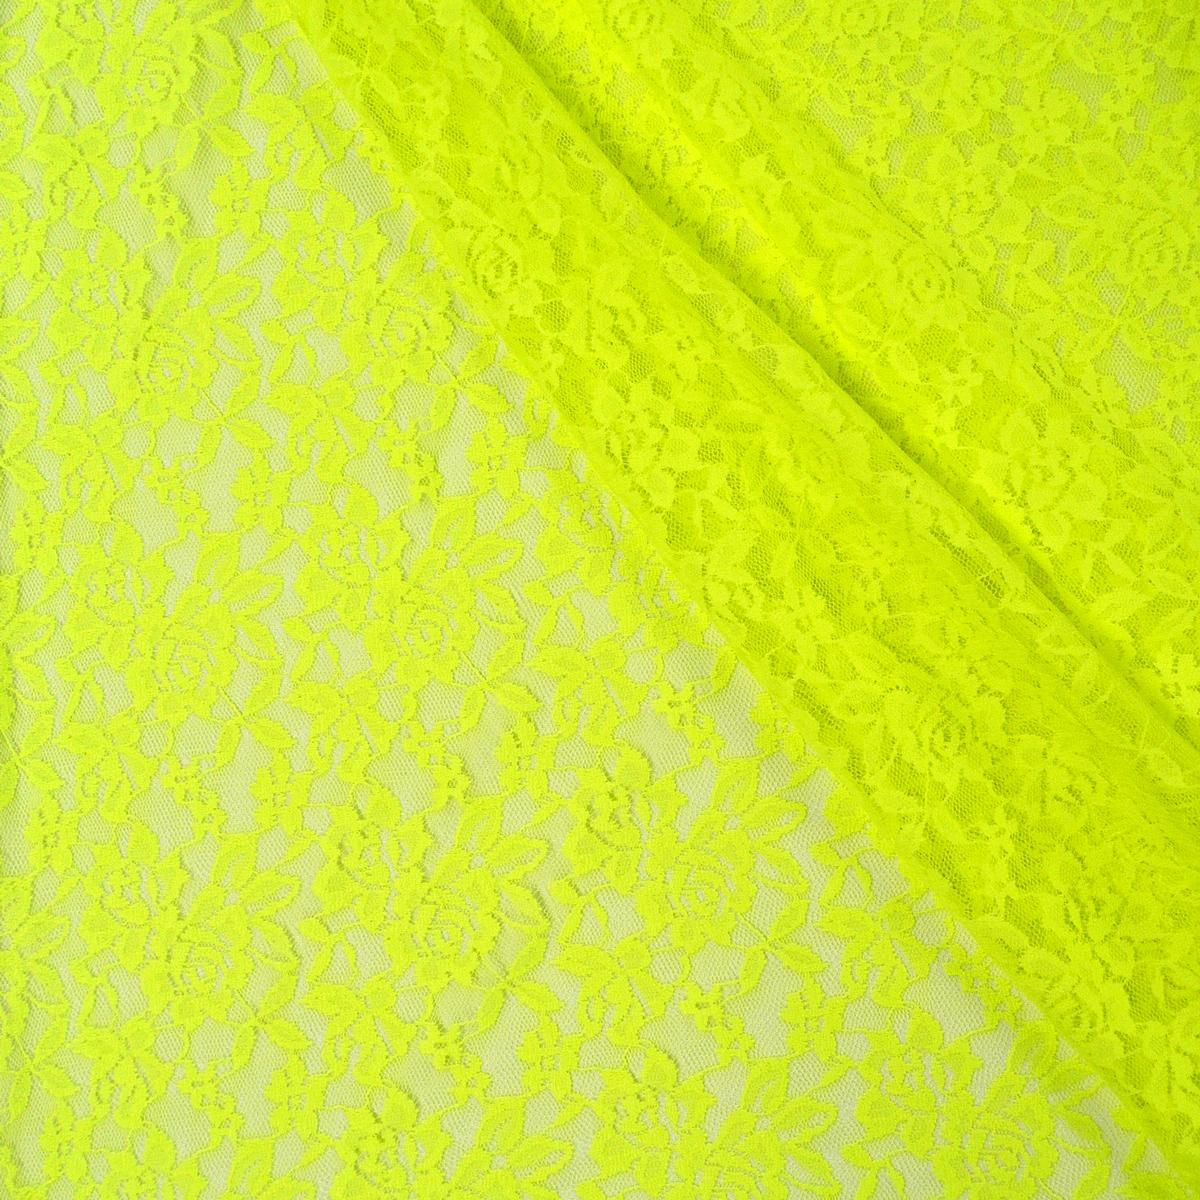 Bekleidungsstoff Elastische Spitze Spitzenstoff neon gelb 1,5m Breite